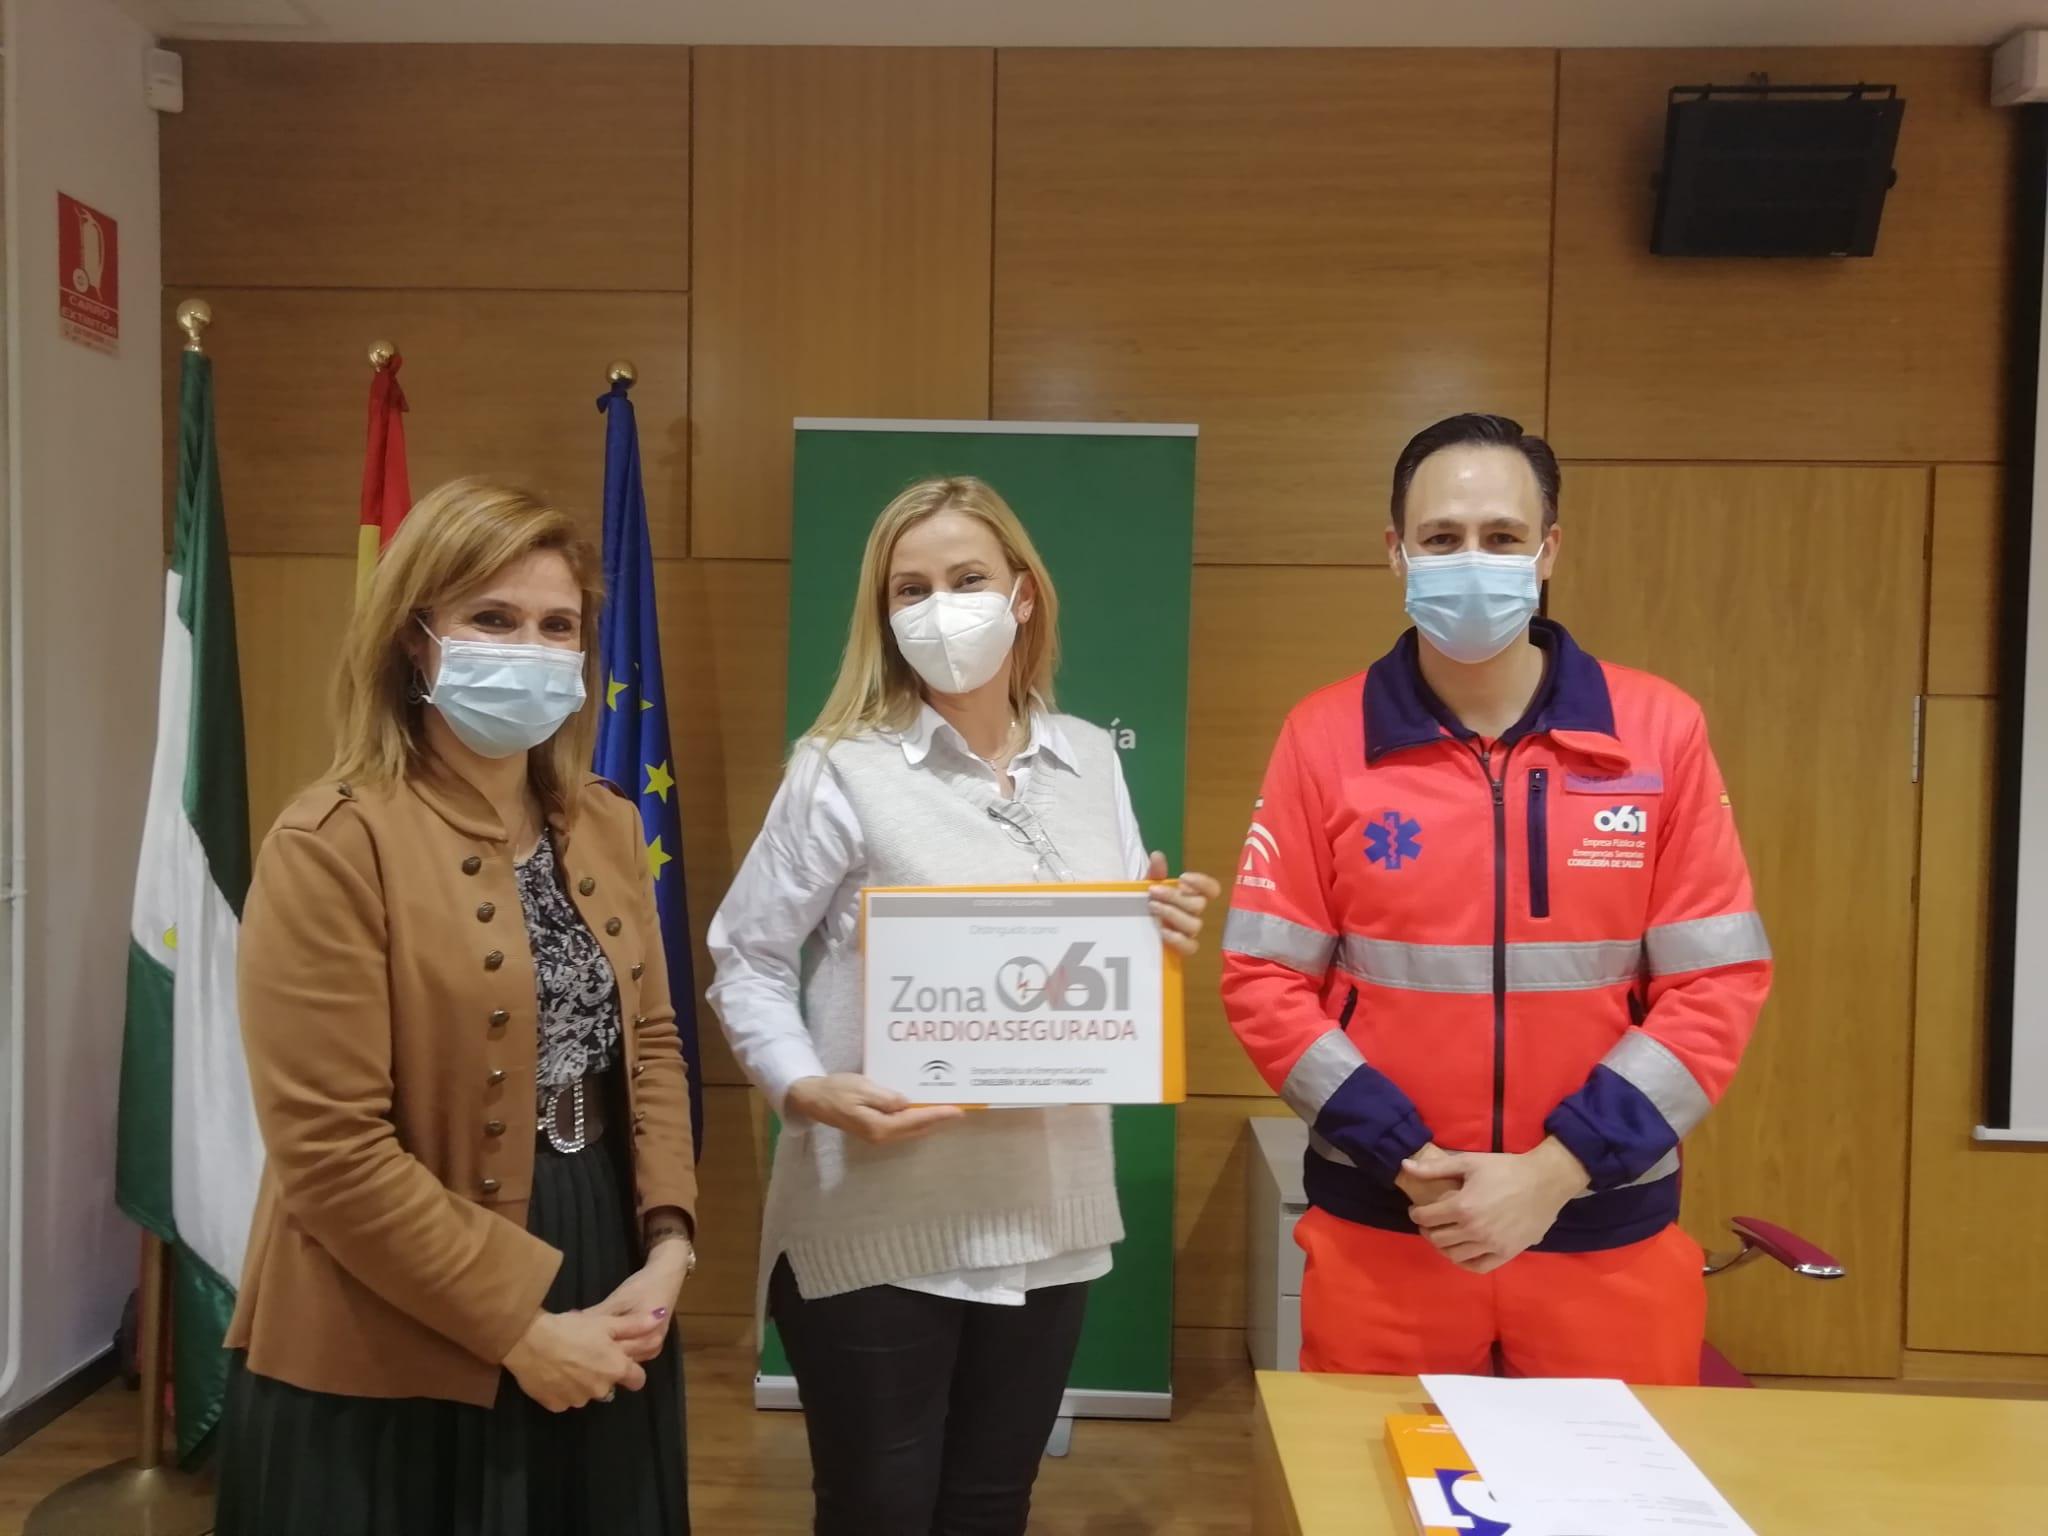 Salud distingue como 'zonas cardioaseguradas' a 11 nuevas instalaciones en Jaén